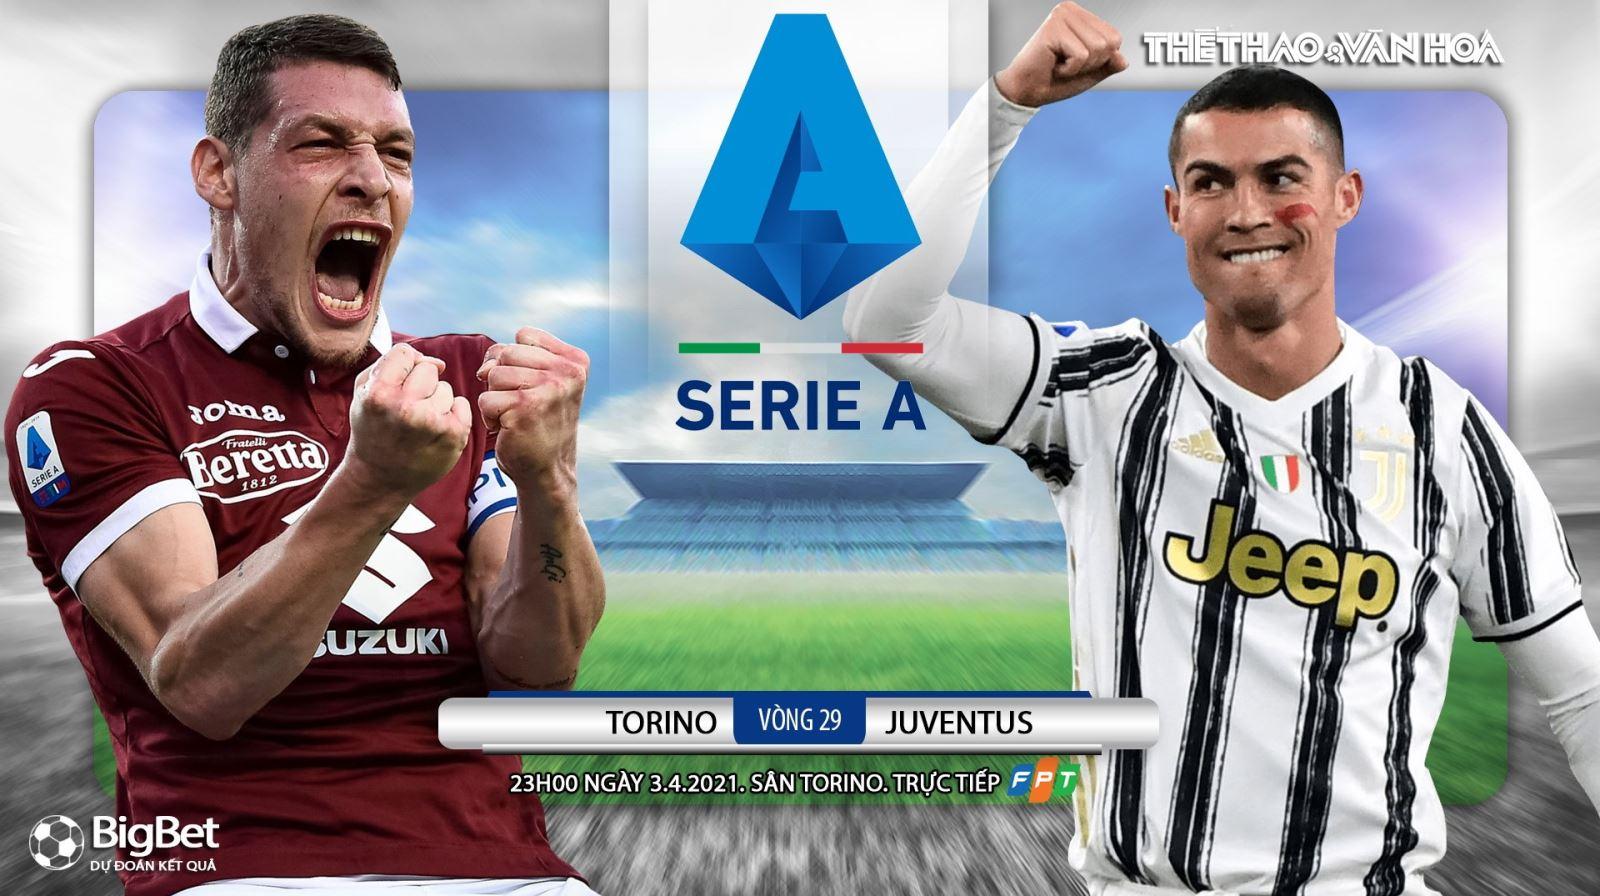 Soi kèo nhà cái Torino vs Juventus. FPT trực tiếp bóng đá Serie A